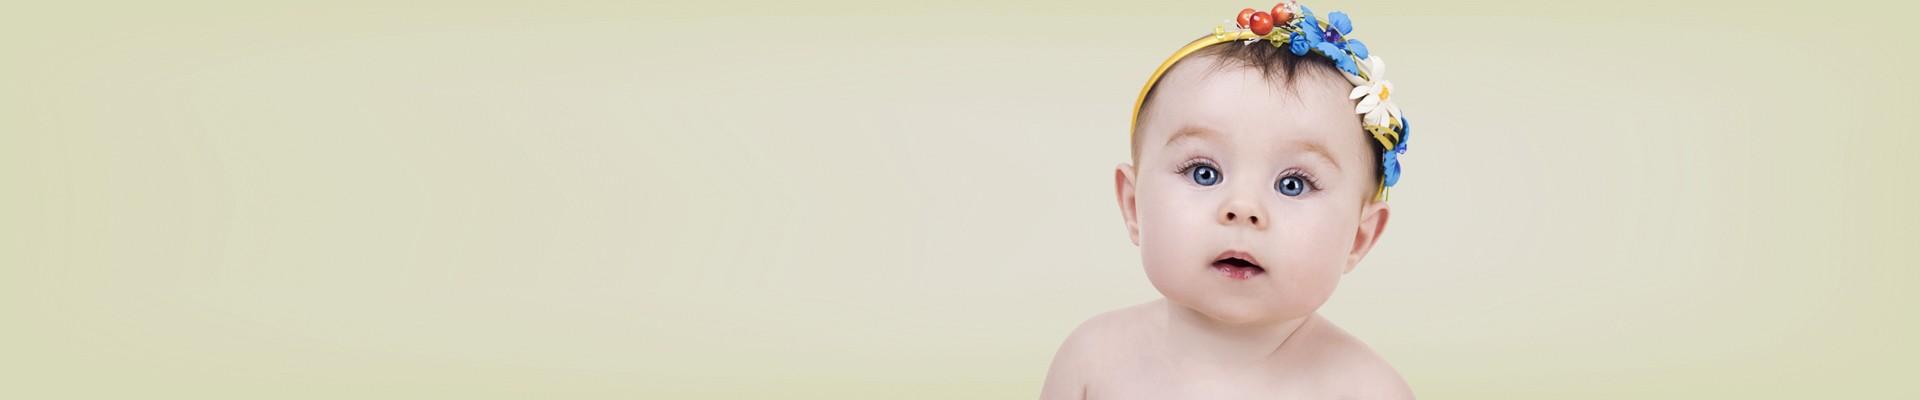 Jual Berbagai Ukuran Headband Bayi / Bando Bayi Terbaru